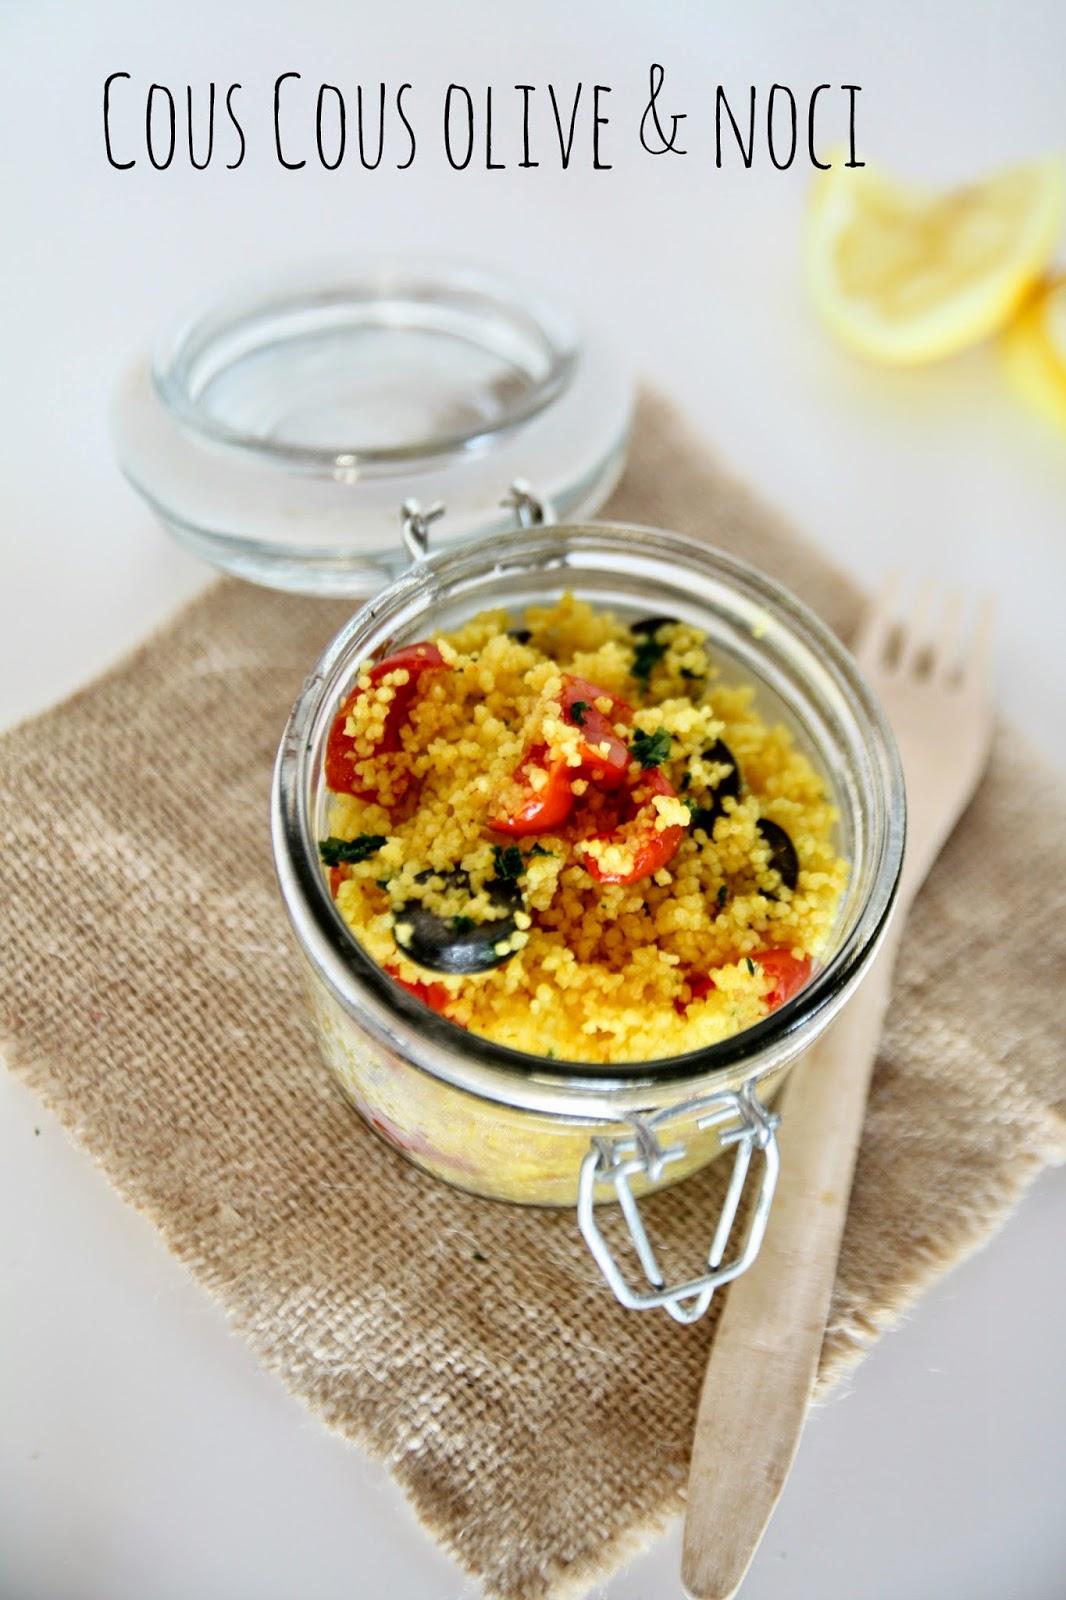 Couscous alle olive e noci